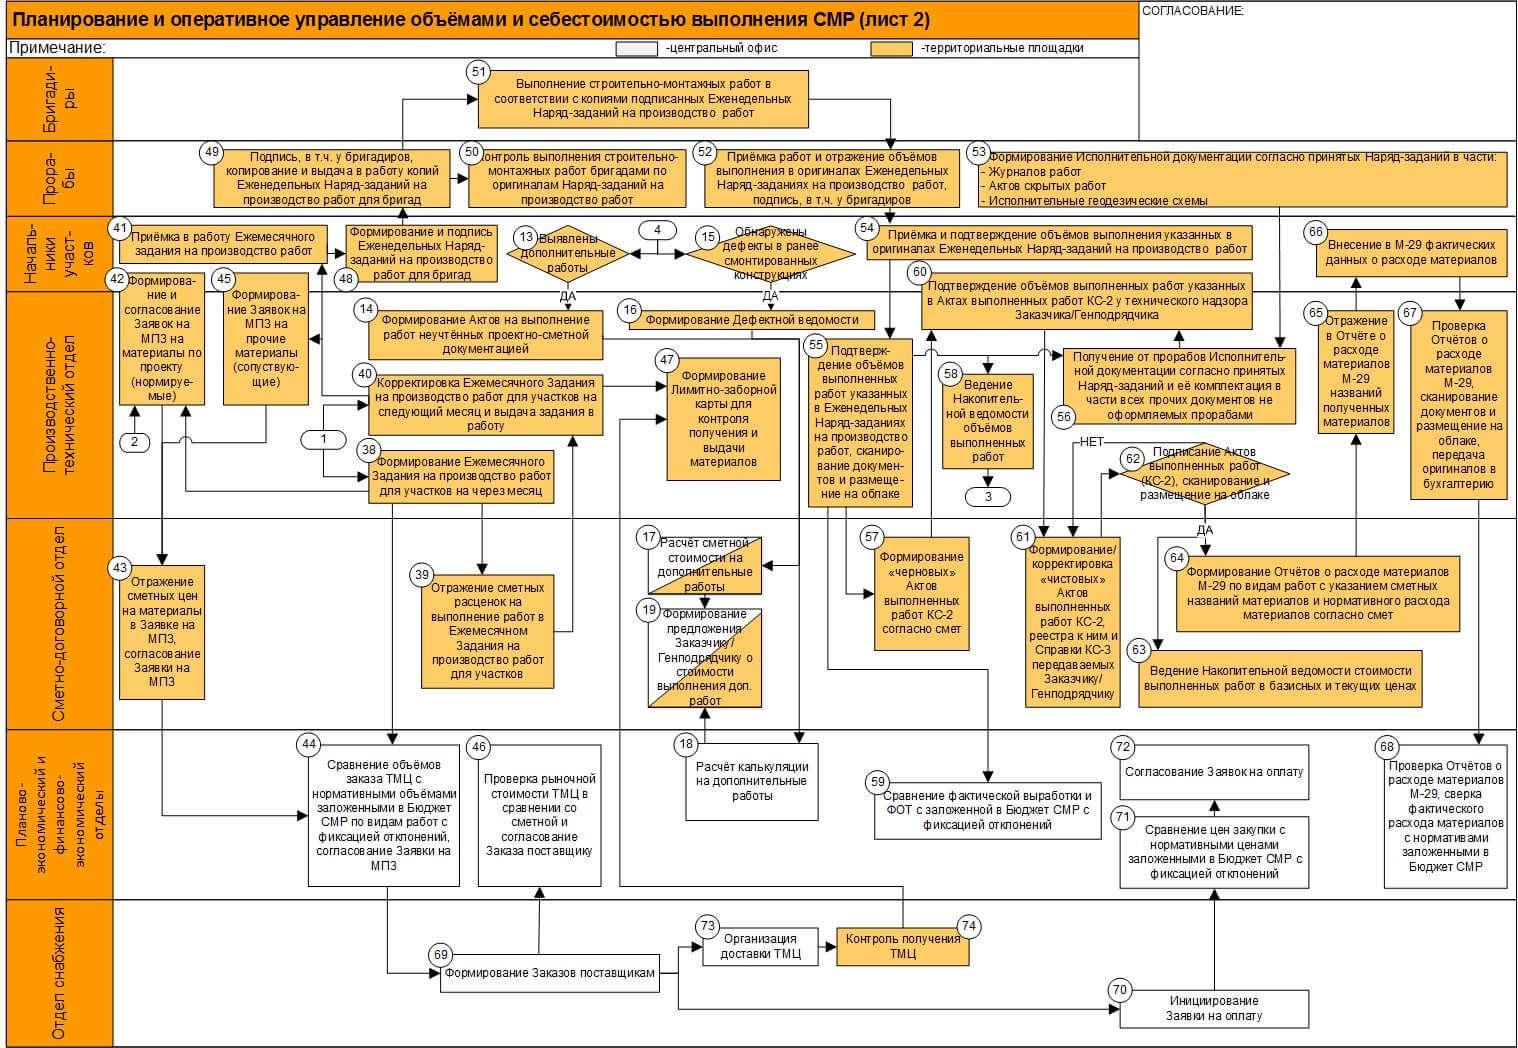 Девушка модель работы строительной организации история vogue